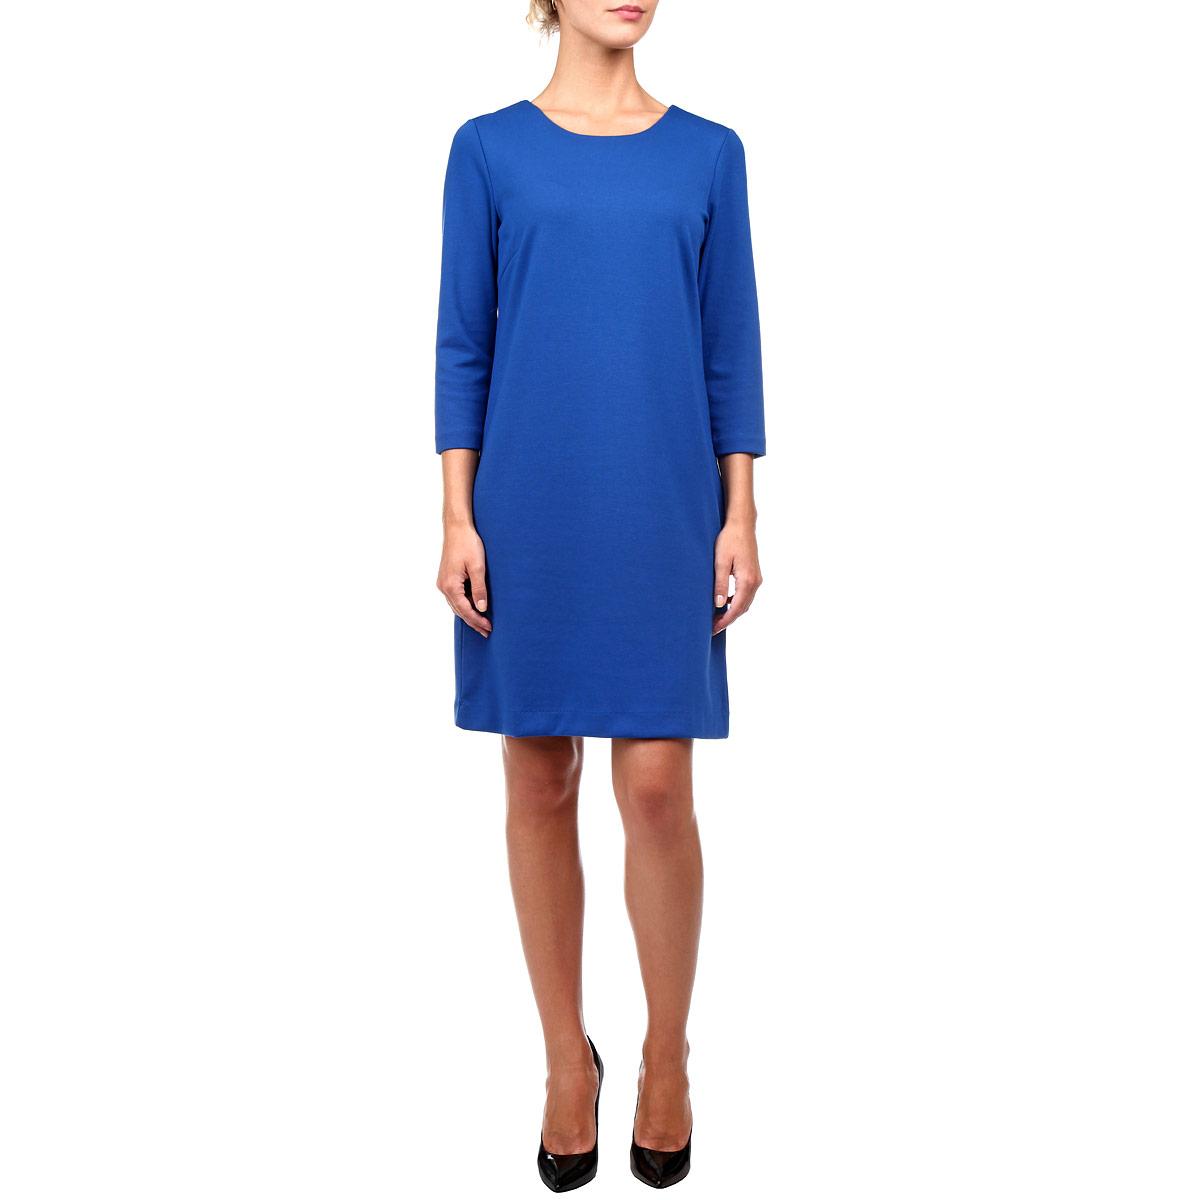 Платье. DK-117/495-5392DK-117/495-5392Стильное трикотажное платье Sela, выполненное из высококачественного плотного материала, будет отлично на вас смотреться. Модель А-силуэта с рукавами 3/4 и круглым вырезом горловины выполнена в лаконичном насыщенном цвете. Классический покрой, модный дизайн, безукоризненное качество. Идеальный вариант для тех, кто ценит комфорт и качество.